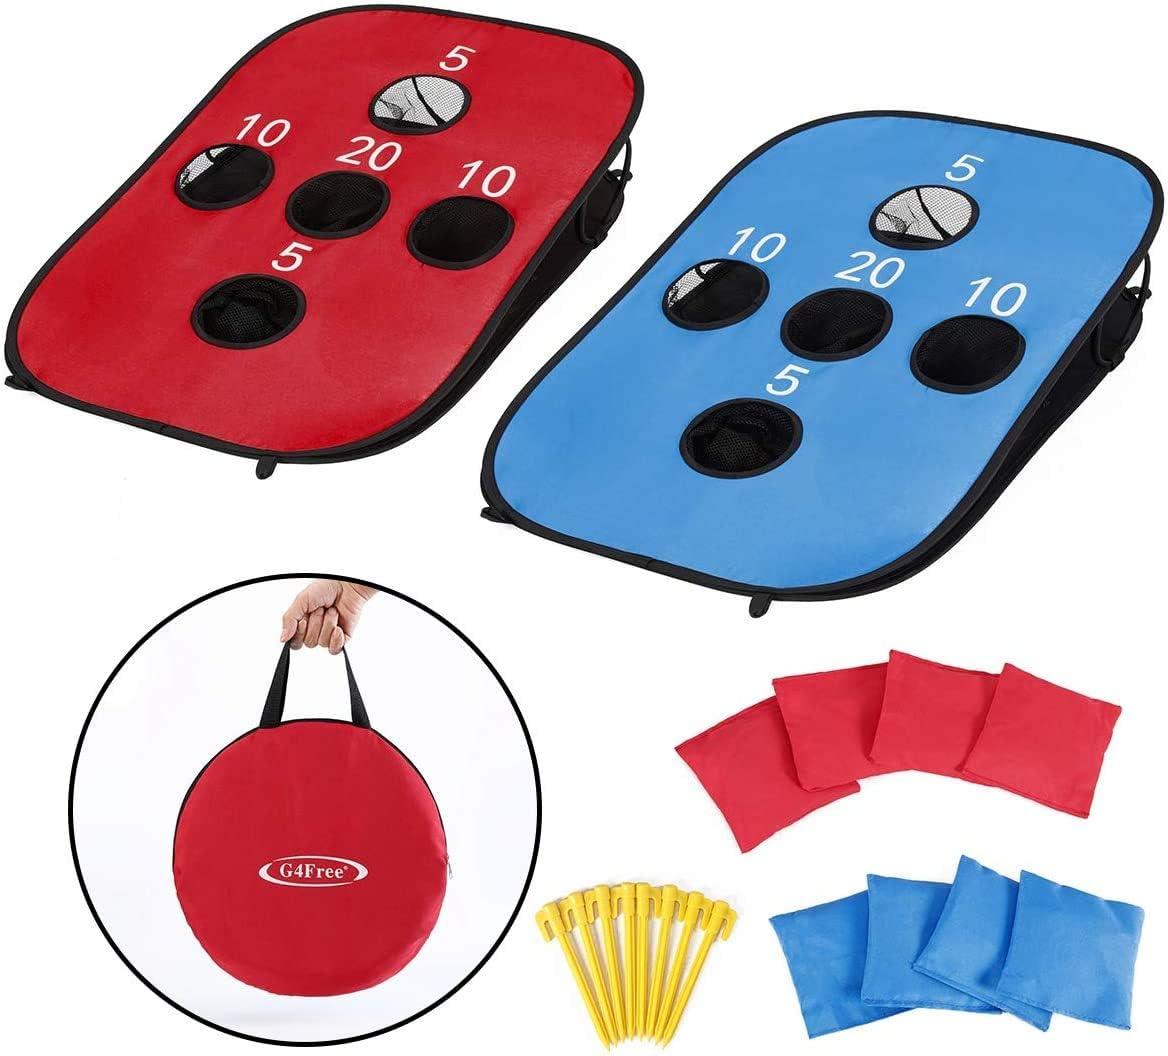 G4Free Juego Plegable Port/átil de 5 Agujeros Cornhole Play con 8 Bolsas de Frijoles Bolsa de Transporte Juego de Lanzamiento Tama/ño 3 pies x 2 pies para Acampar y Viajar